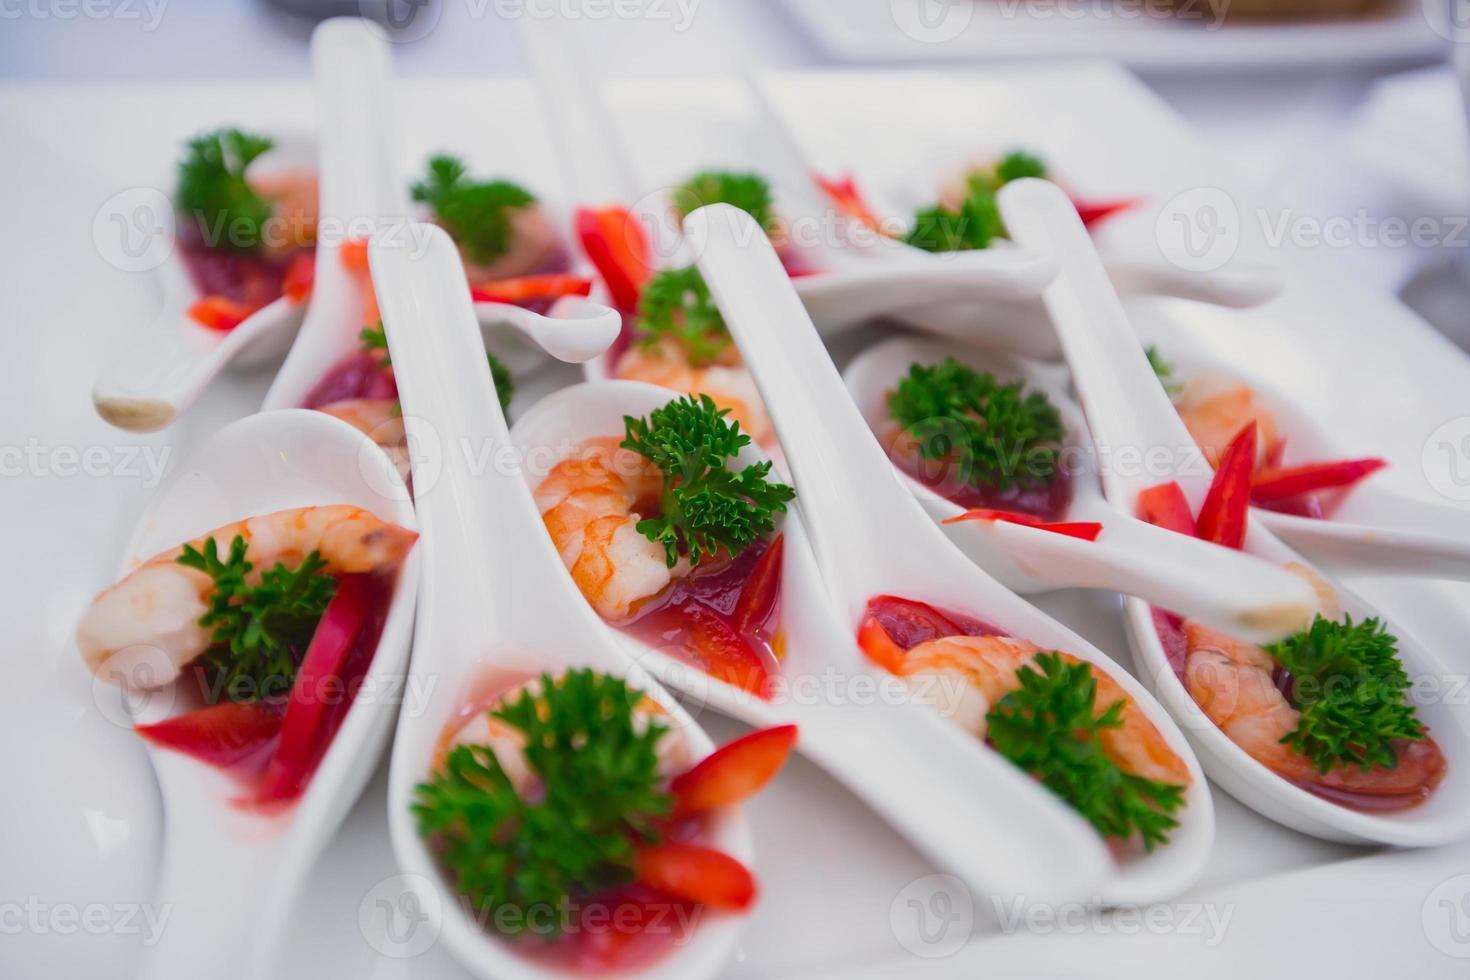 Table de banquet de restauration joliment décorée avec différents apéritifs de collations alimentaires photo